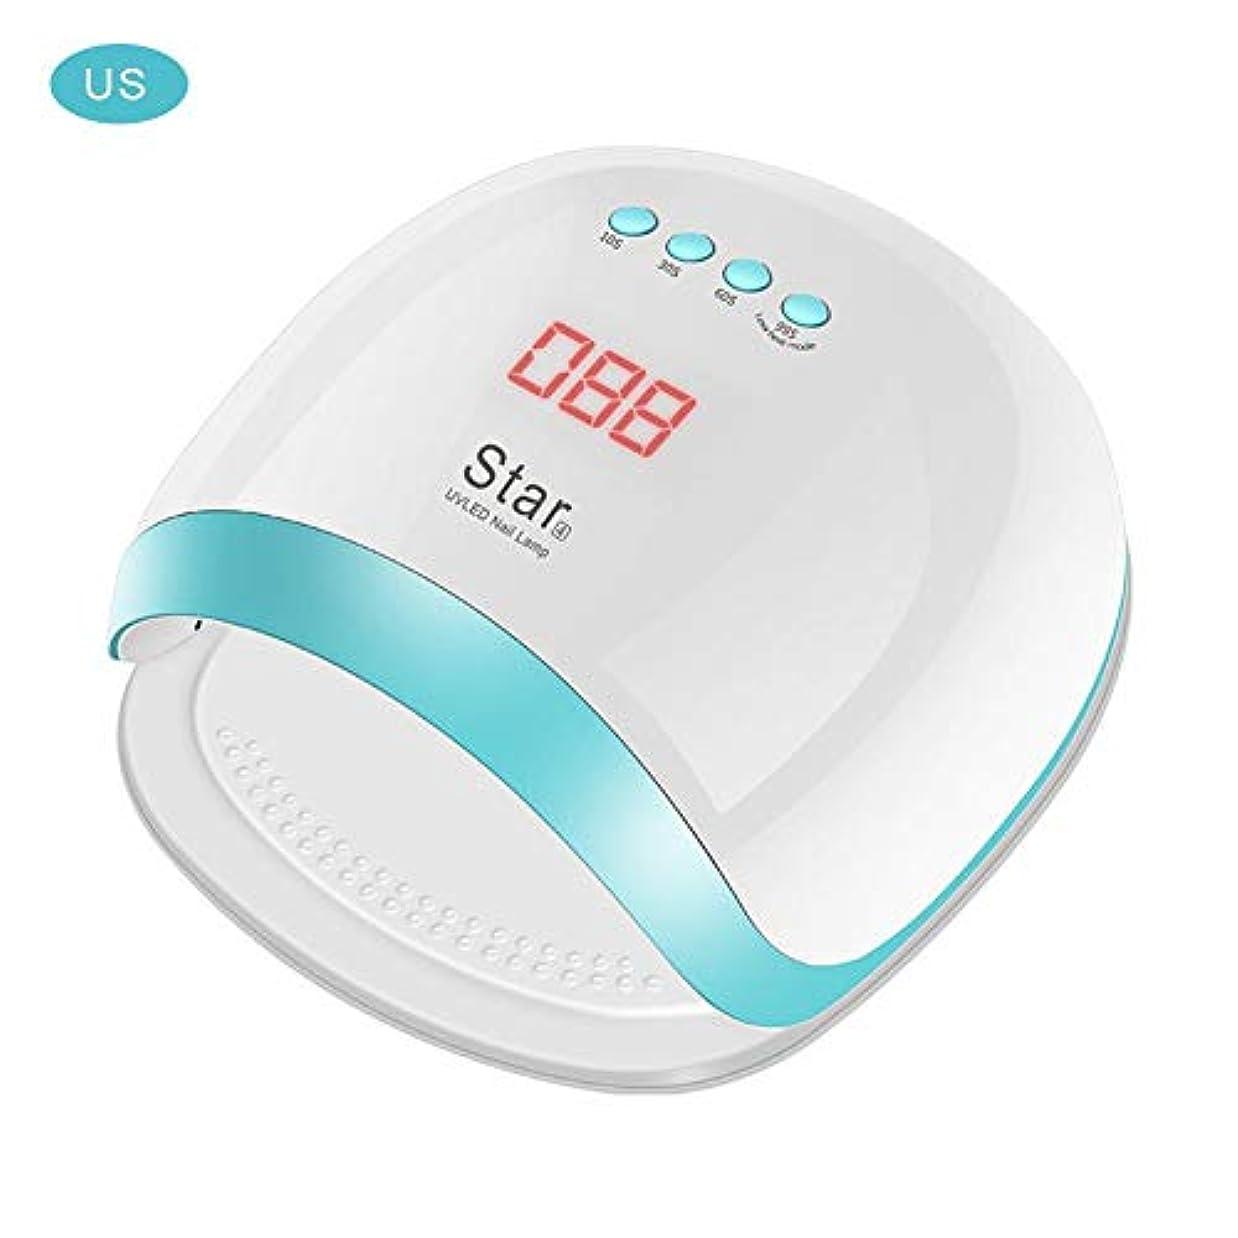 エクスタシー会話狂人Ling(リンー)-ビューティー 硬化用LEDライト ネイルライト LED ネイルドライヤー 72W 使いやすい 設定可能 【ホワイト】